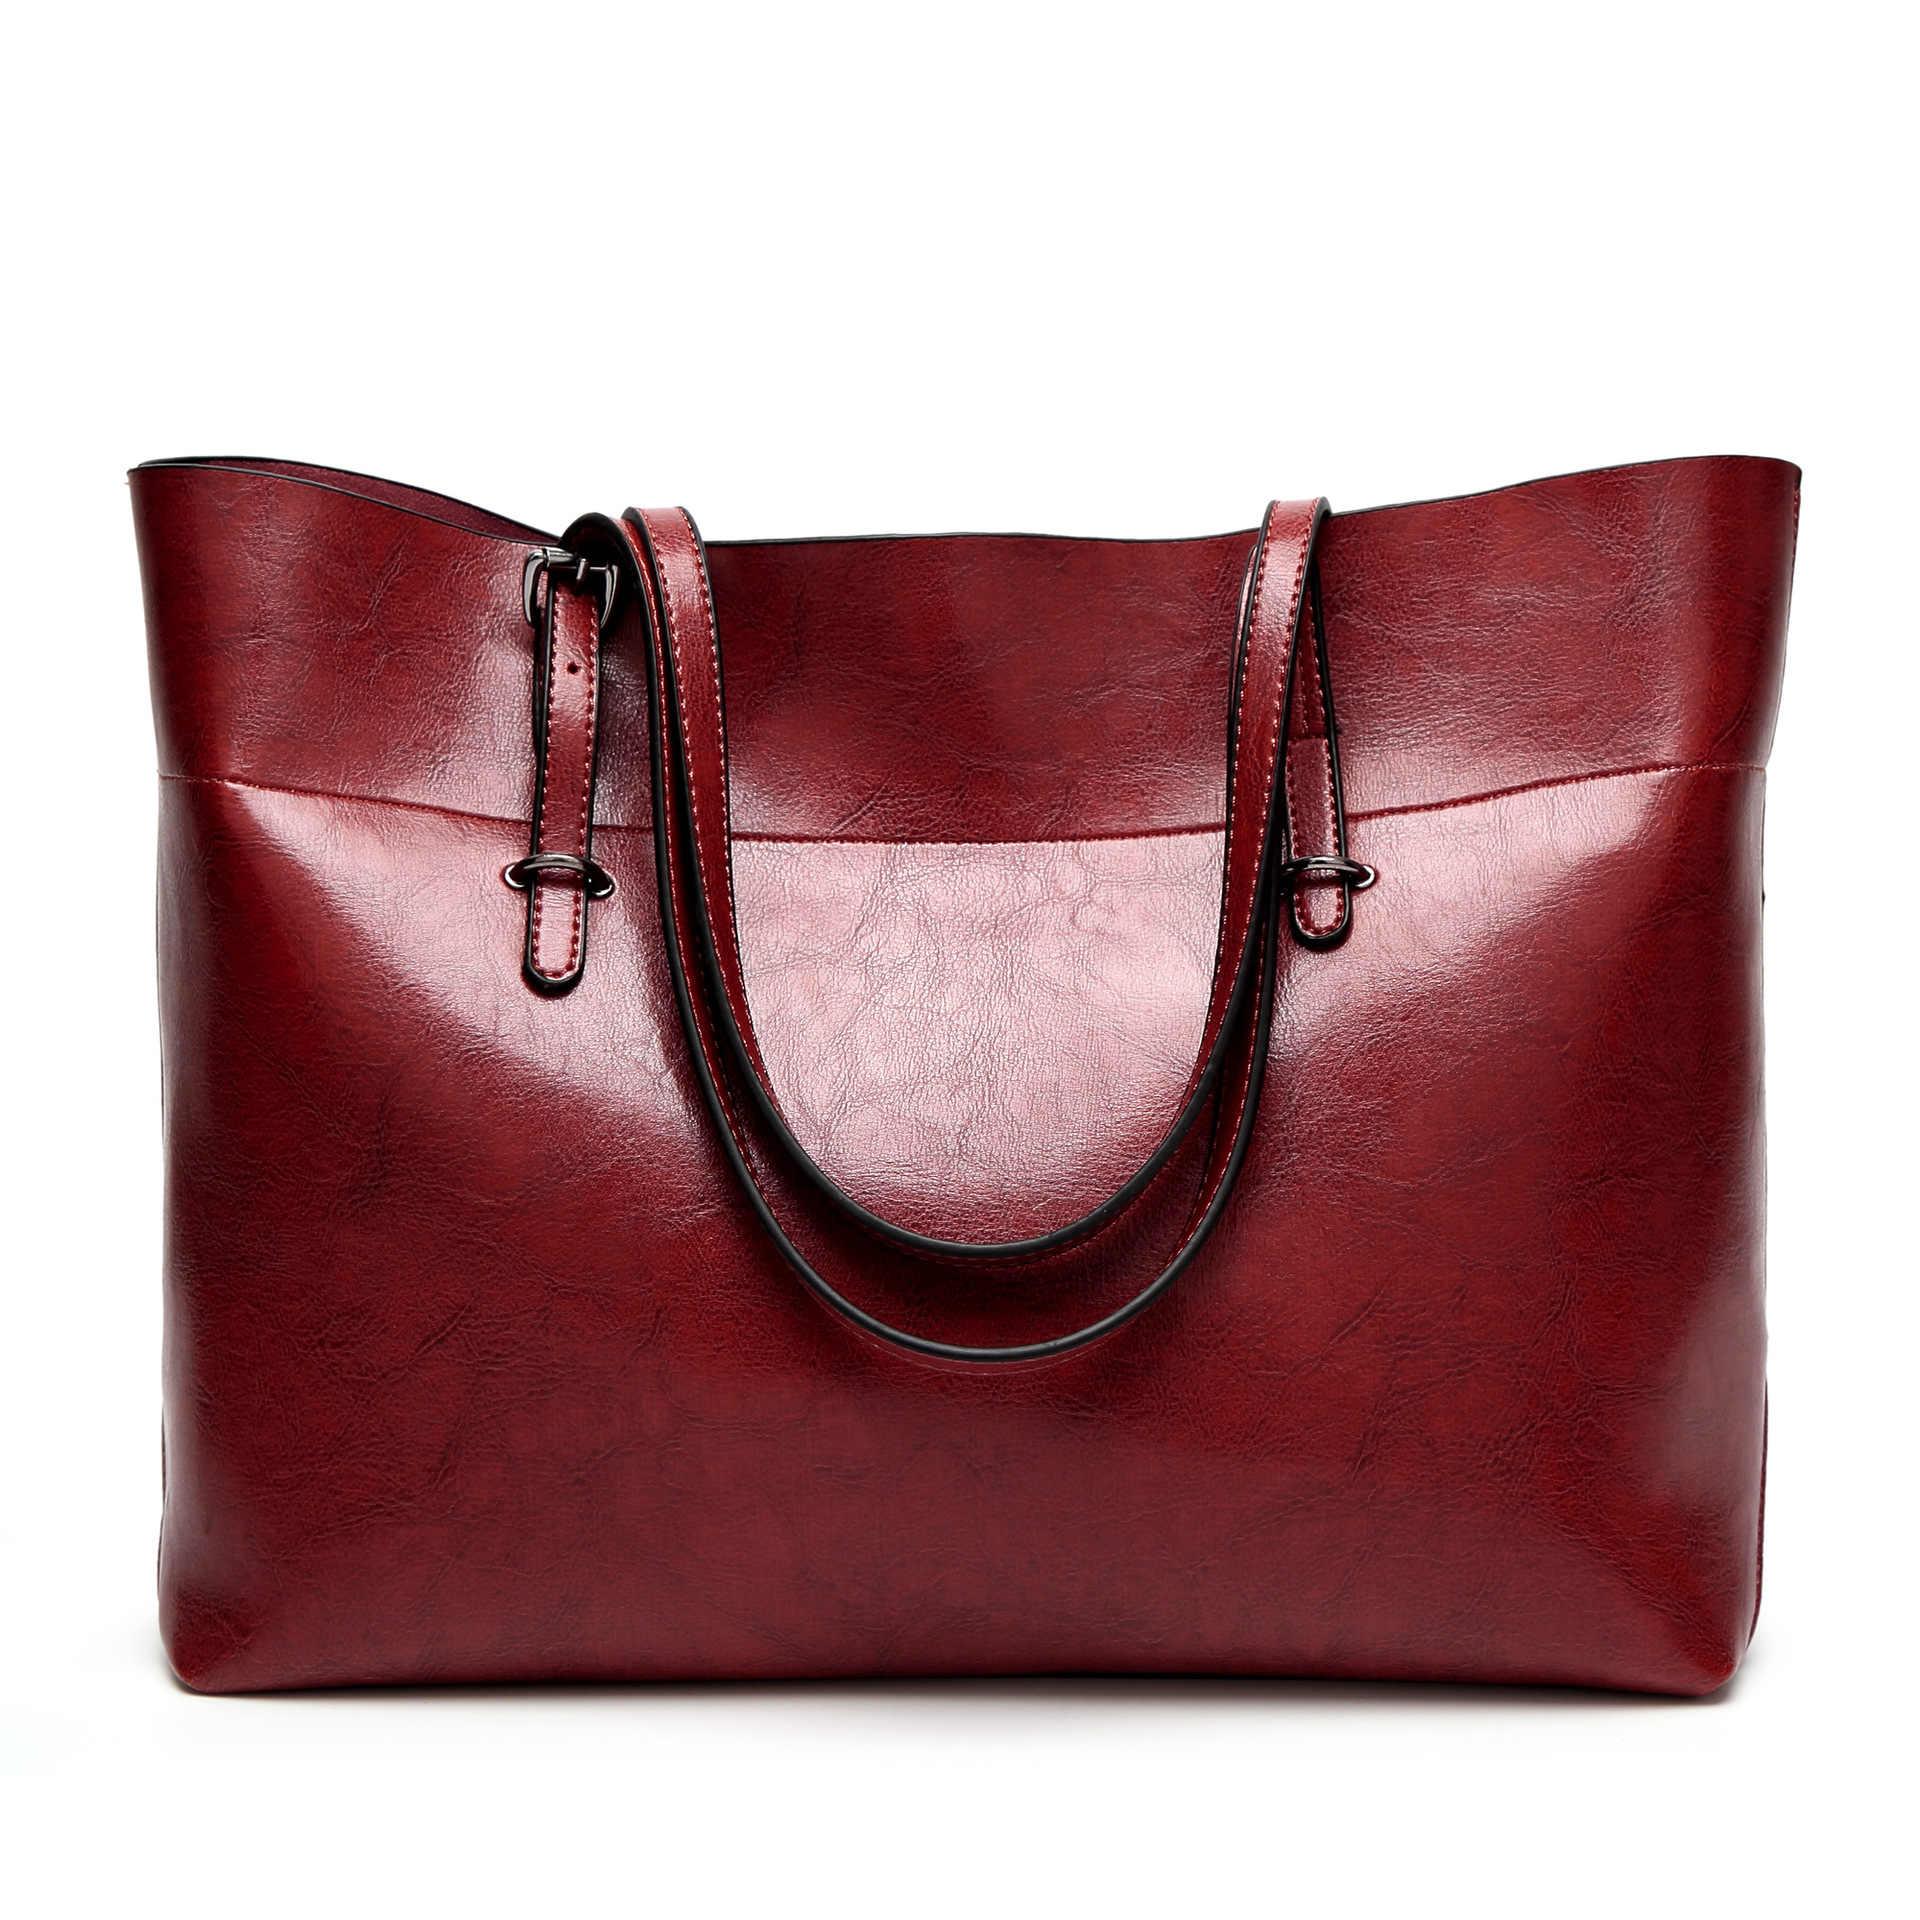 Сумки-мессенджеры для женщин 2019 большой размер Повседневная Сумка-тоут Сумки Твердые кожаные сумки известный бренд сумка на плечо sac Bolsa Feminina